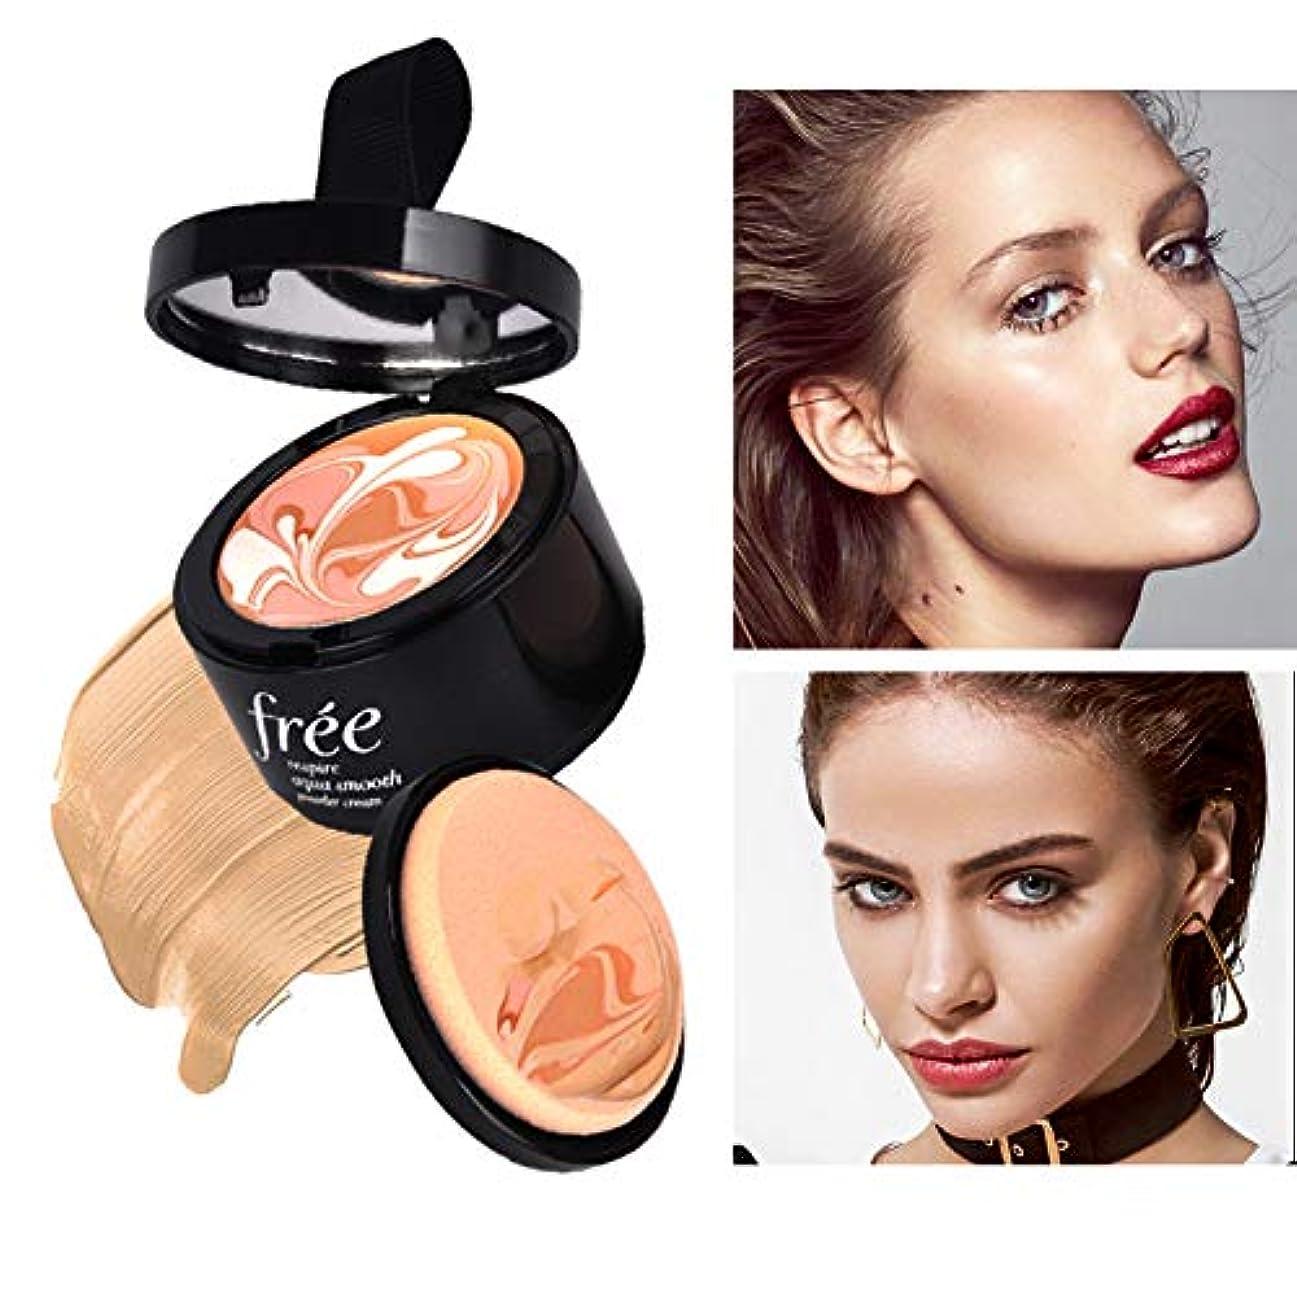 応答コンチネンタル想像力豊かなFoundation Cream Concealer moisturizing Whitening flawless makeup For Face Beauty Base Makeup ファンデーションクリームコンシーラーモイスチャライジングホワイトニングフェイシャルメイクアップフェイシャルビューティベースメイクアップ